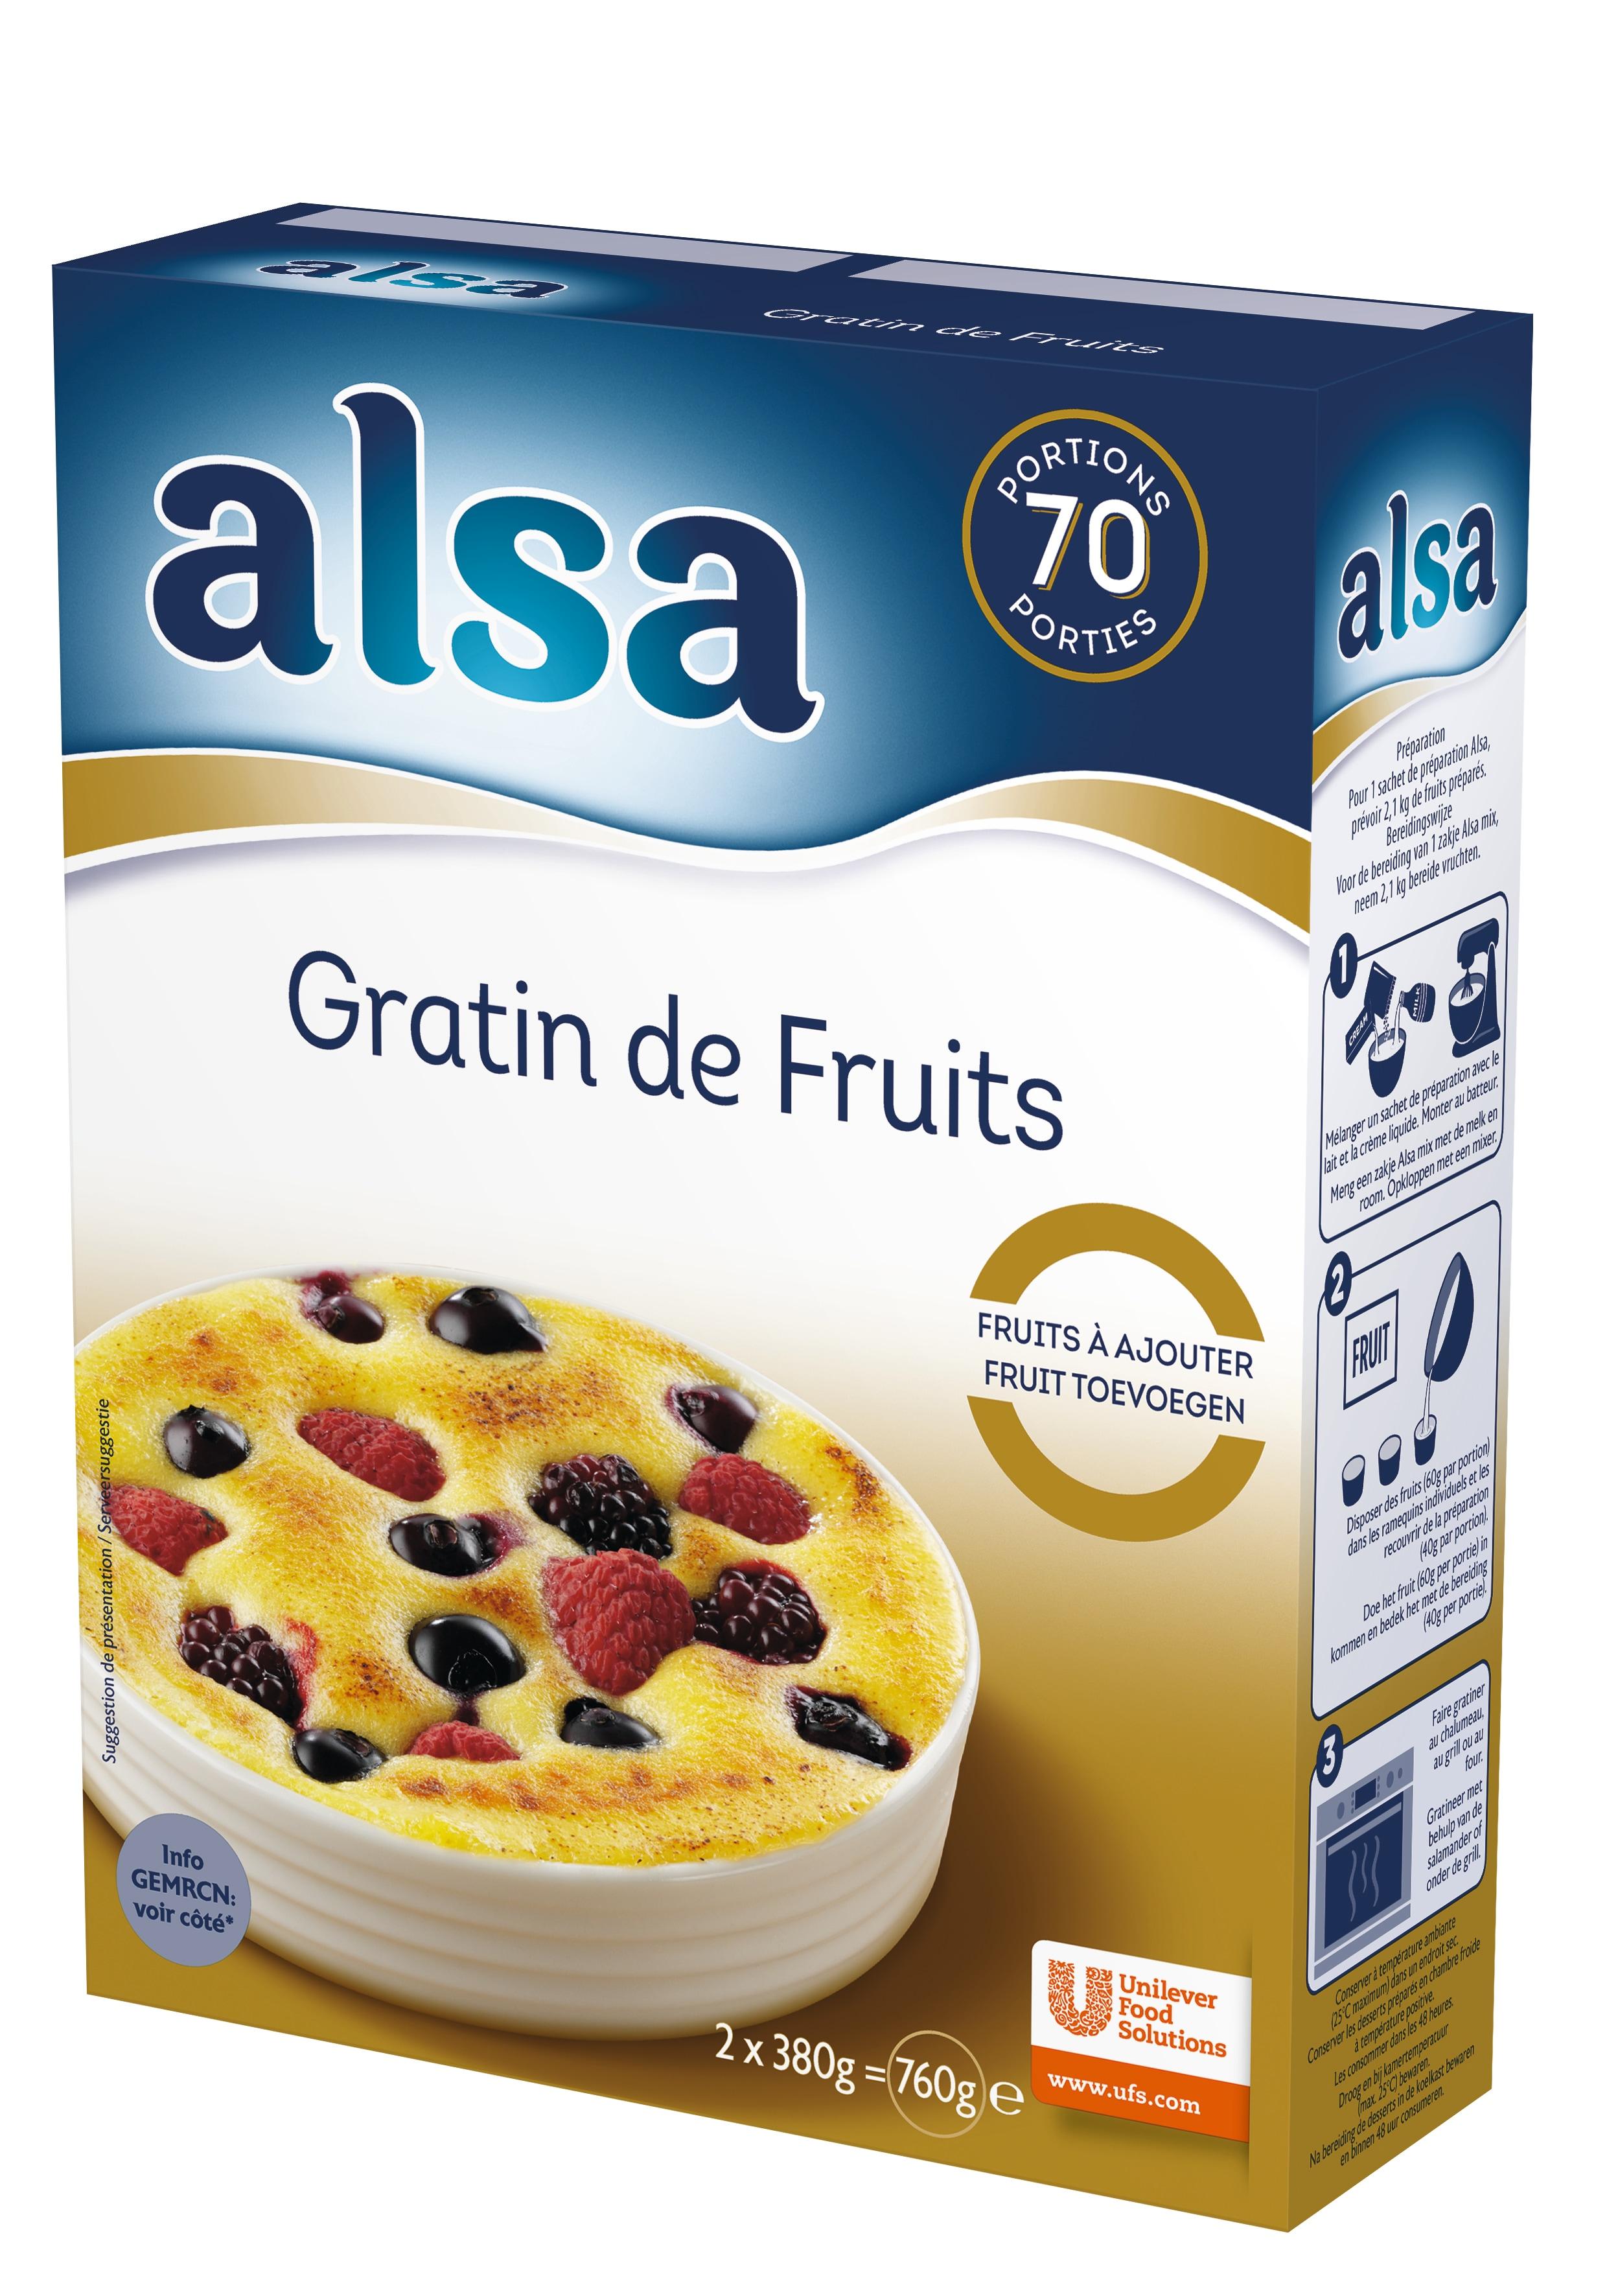 Alsa Gratin de Fruits 760g 70 portions - Faites de chaque jour un régal avec les Pots de Crème Alsa !